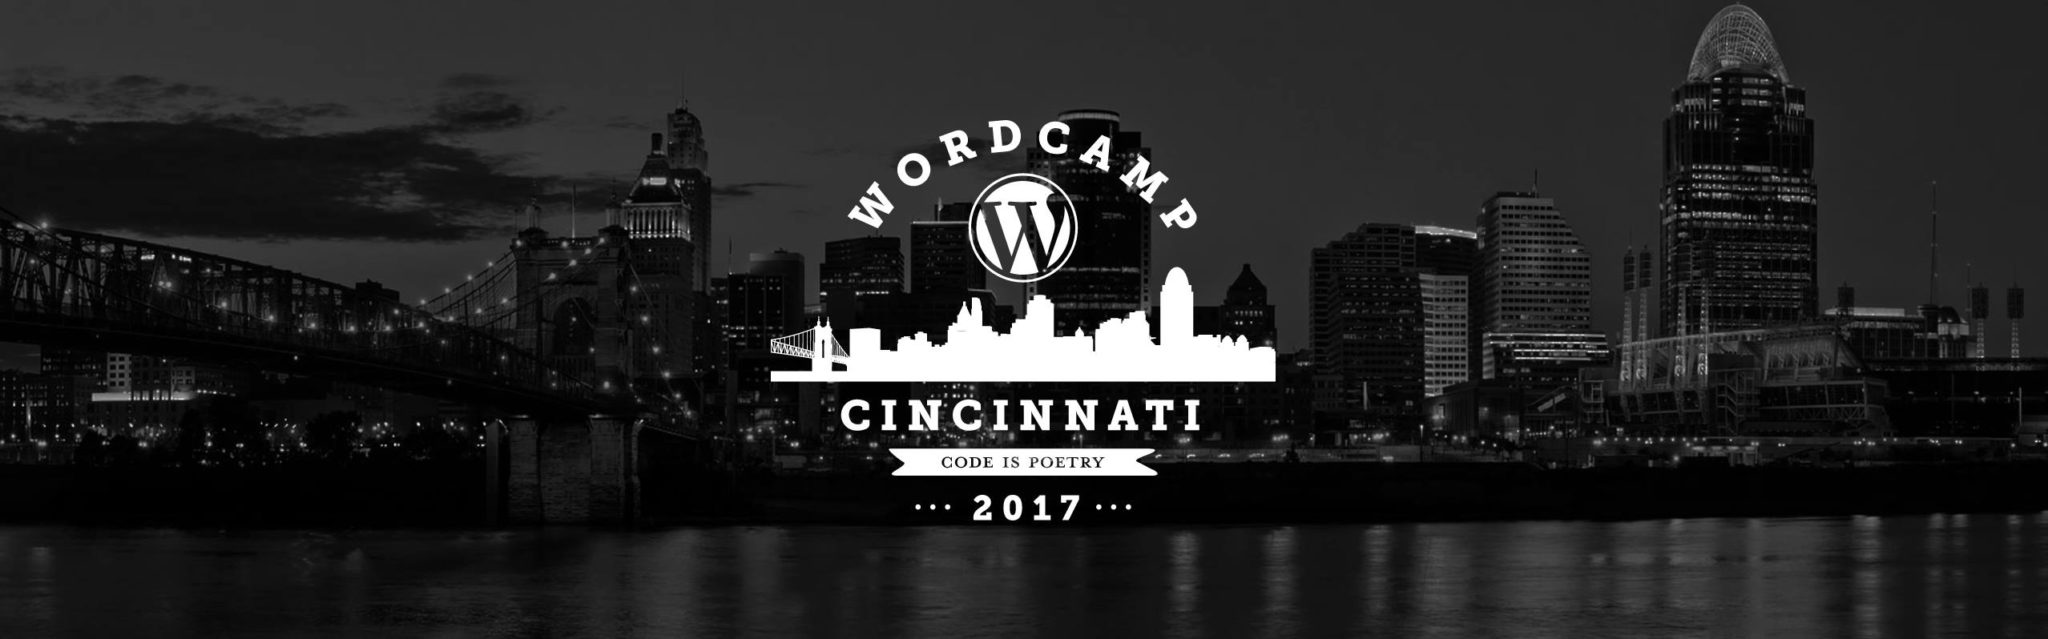 Speaking At WordCamp Cincinnati on November 12th